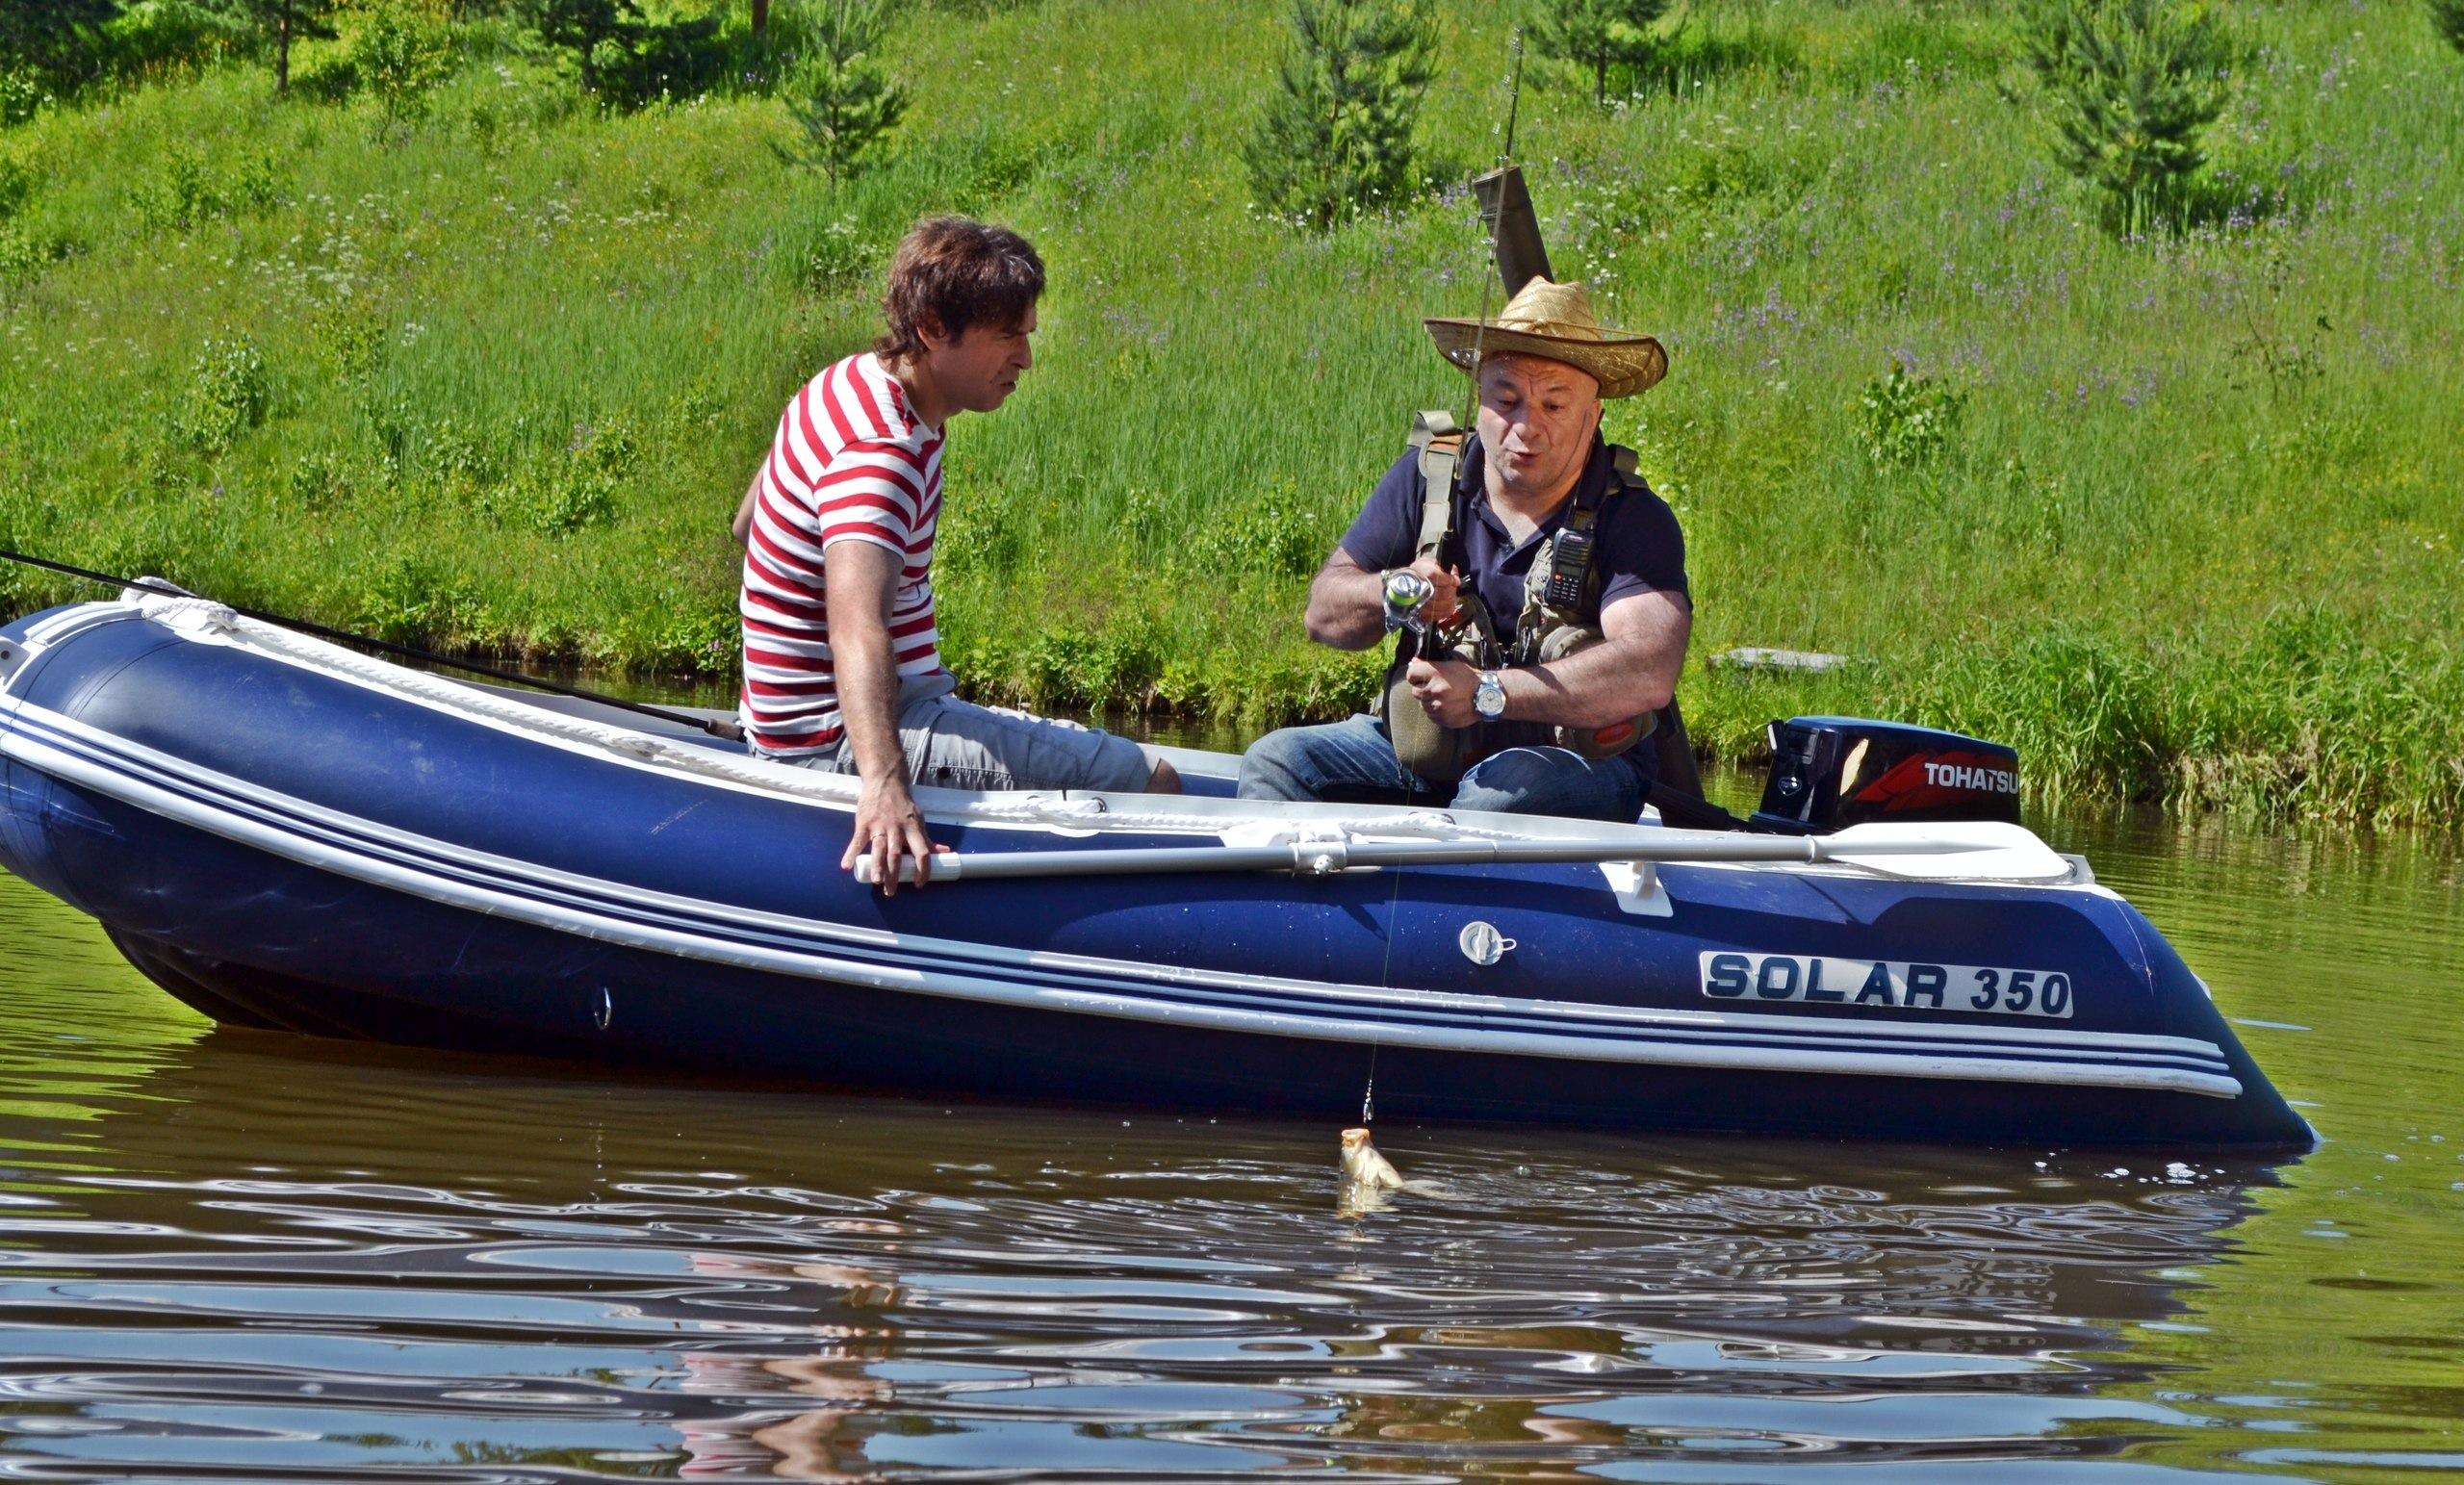 Нужны ли права для управления лодкой с мотором